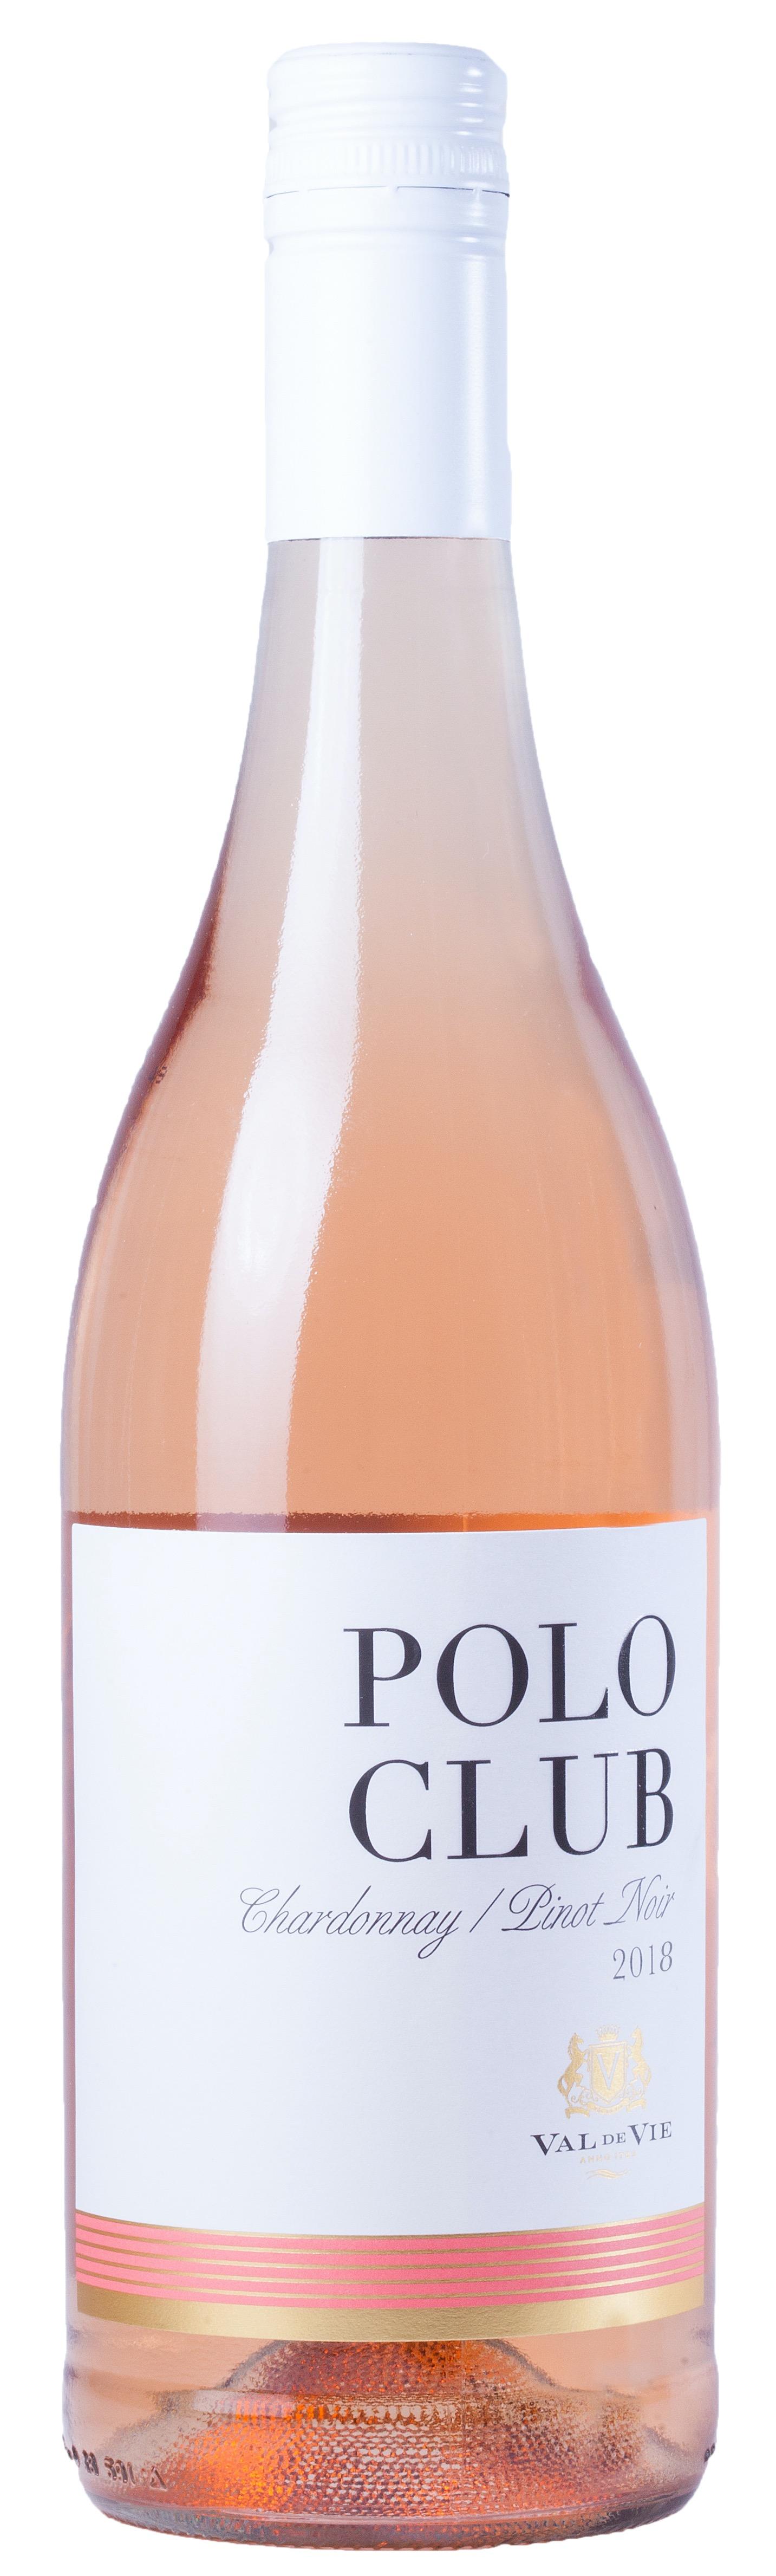 Polo Rosé Chardonnay- Pinot Noir 2020